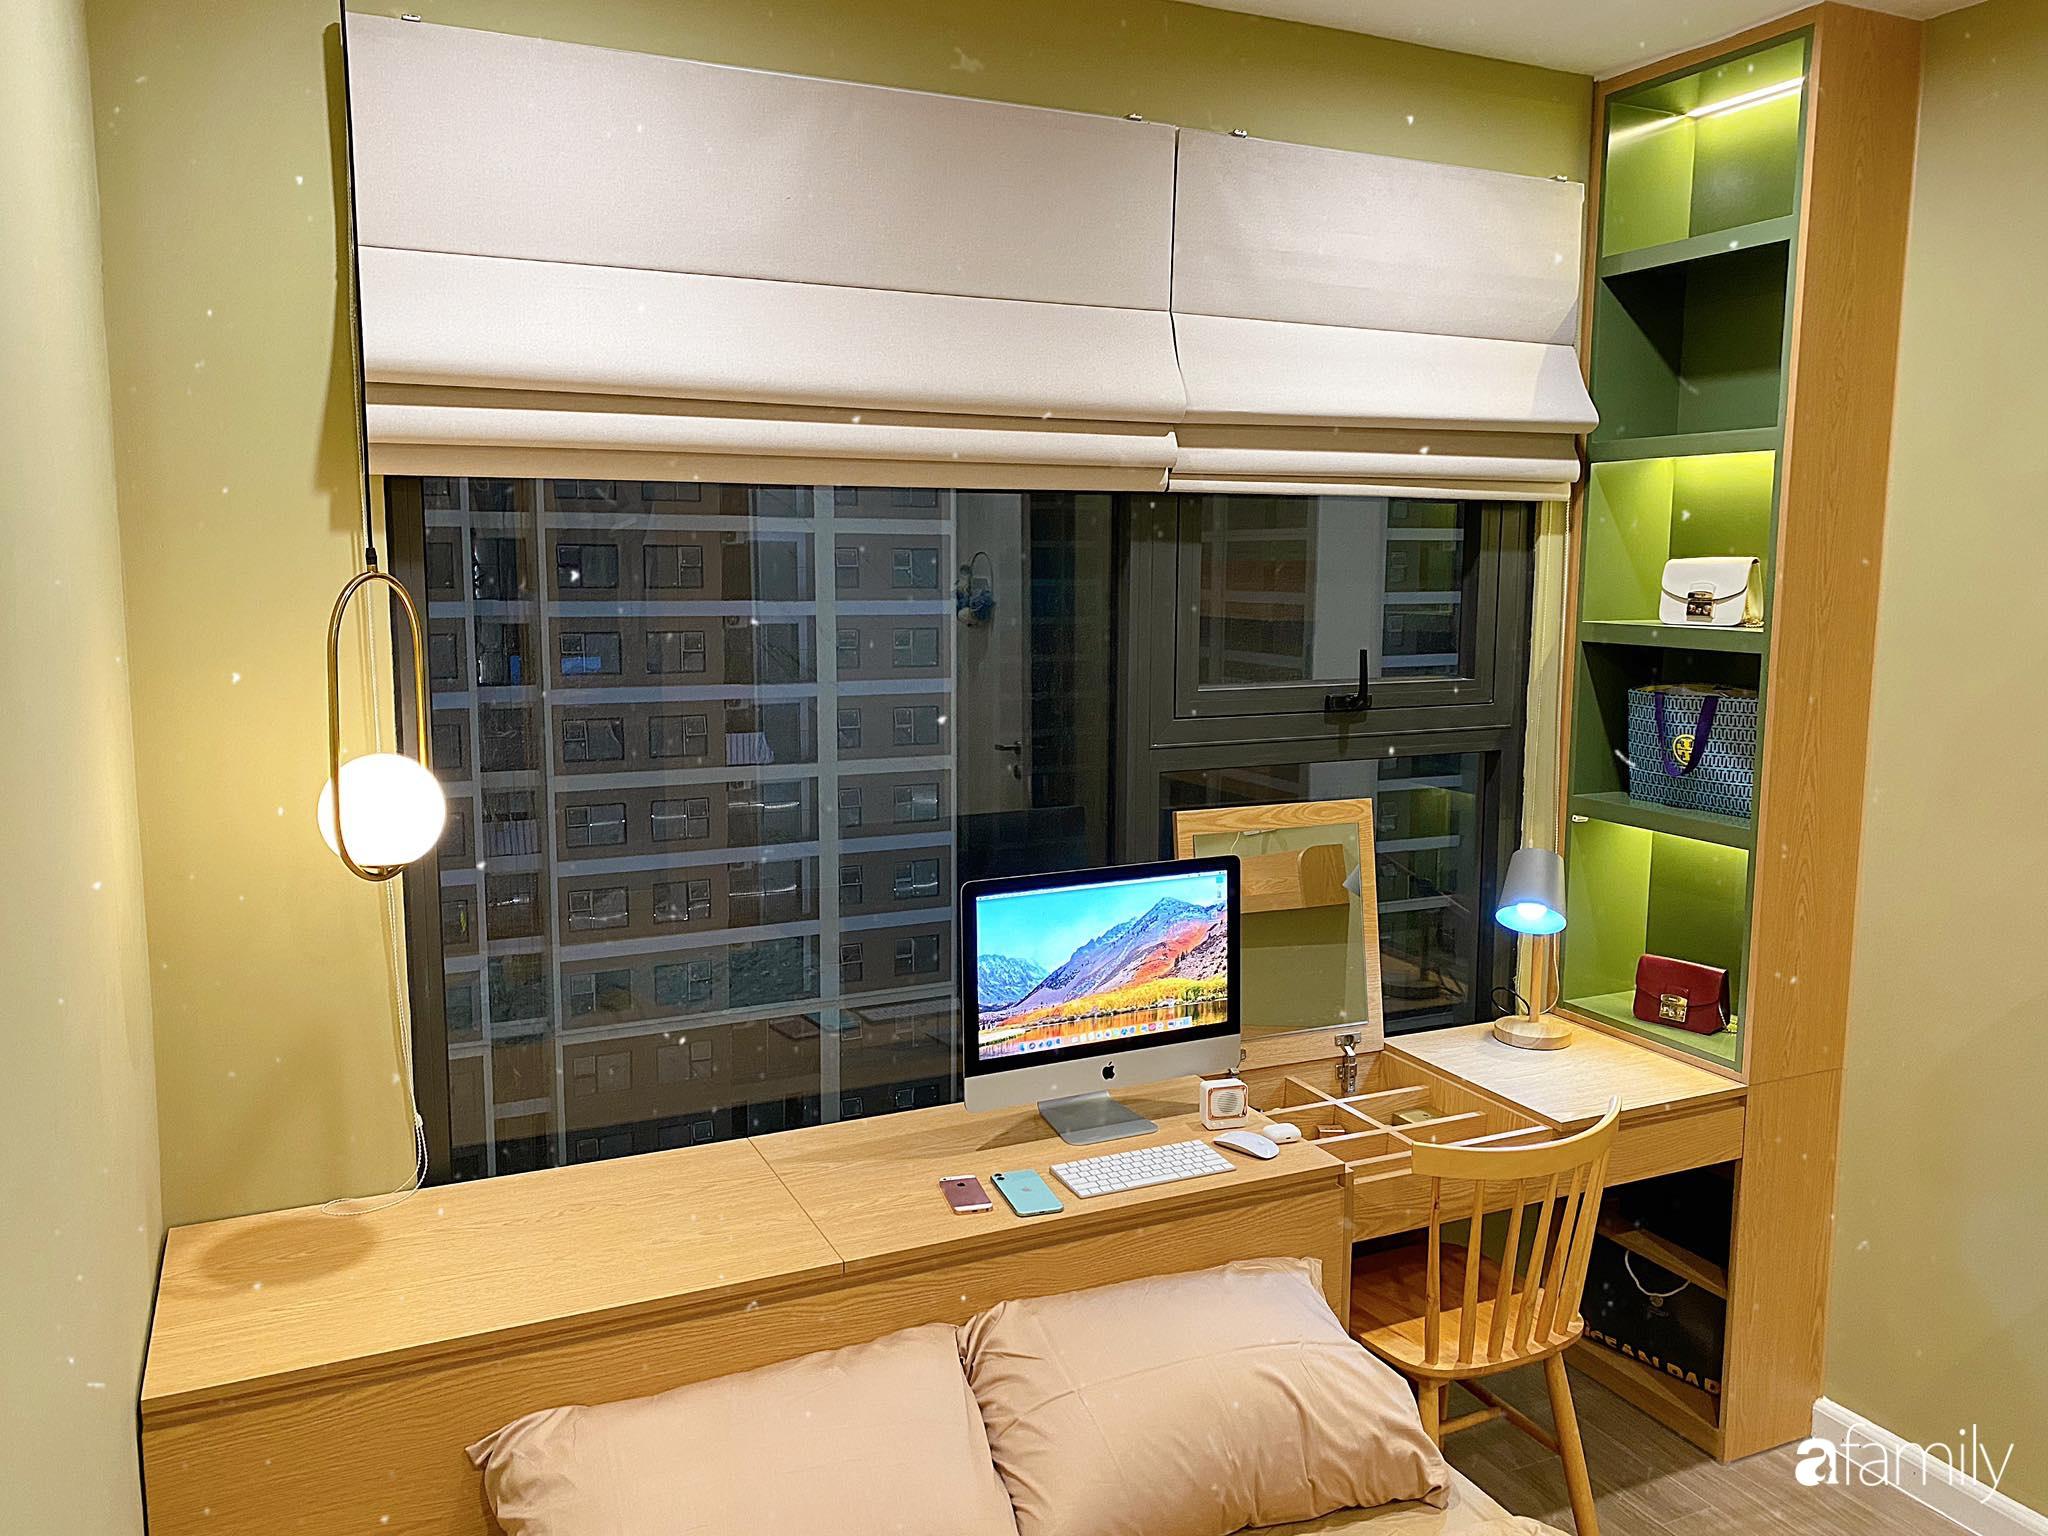 Căn hộ 59m² màu xanh lá xua tan nóng bức mùa hè có chi phí hoàn thiện 225 triệu đồng ở Hà Nội - Ảnh 17.